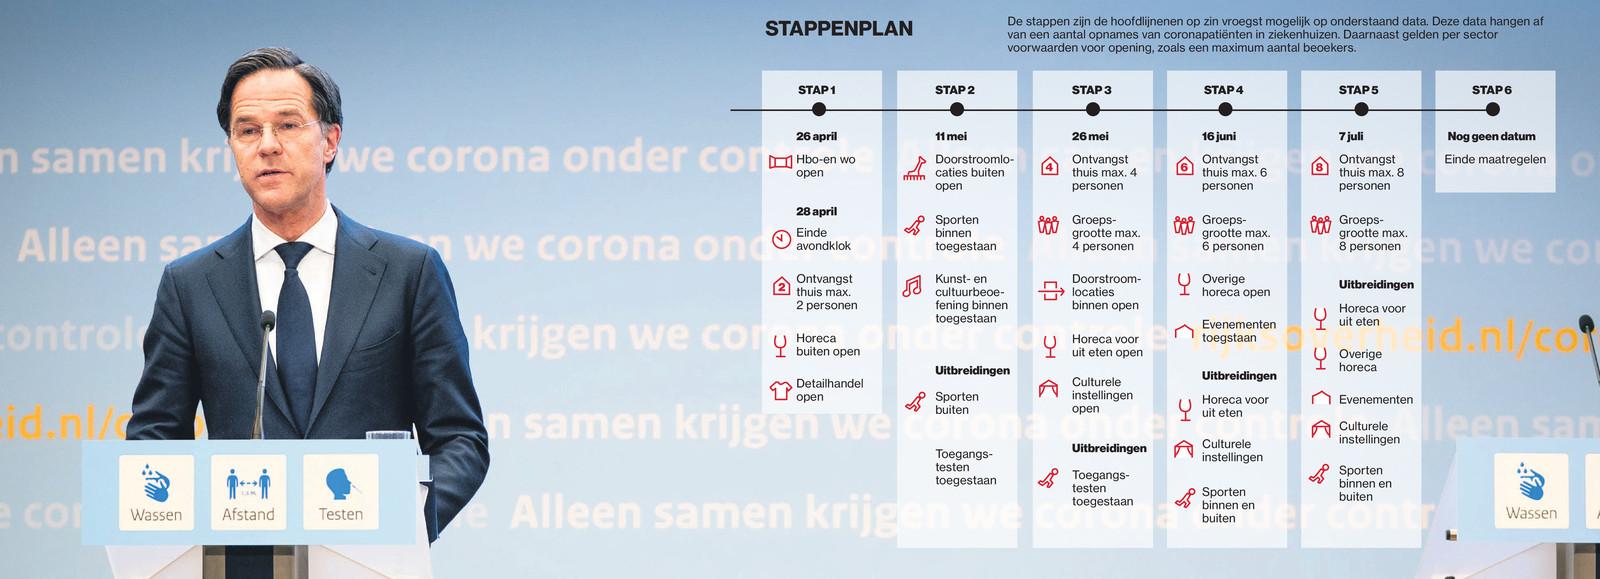 Stappenplan van het kabinet.